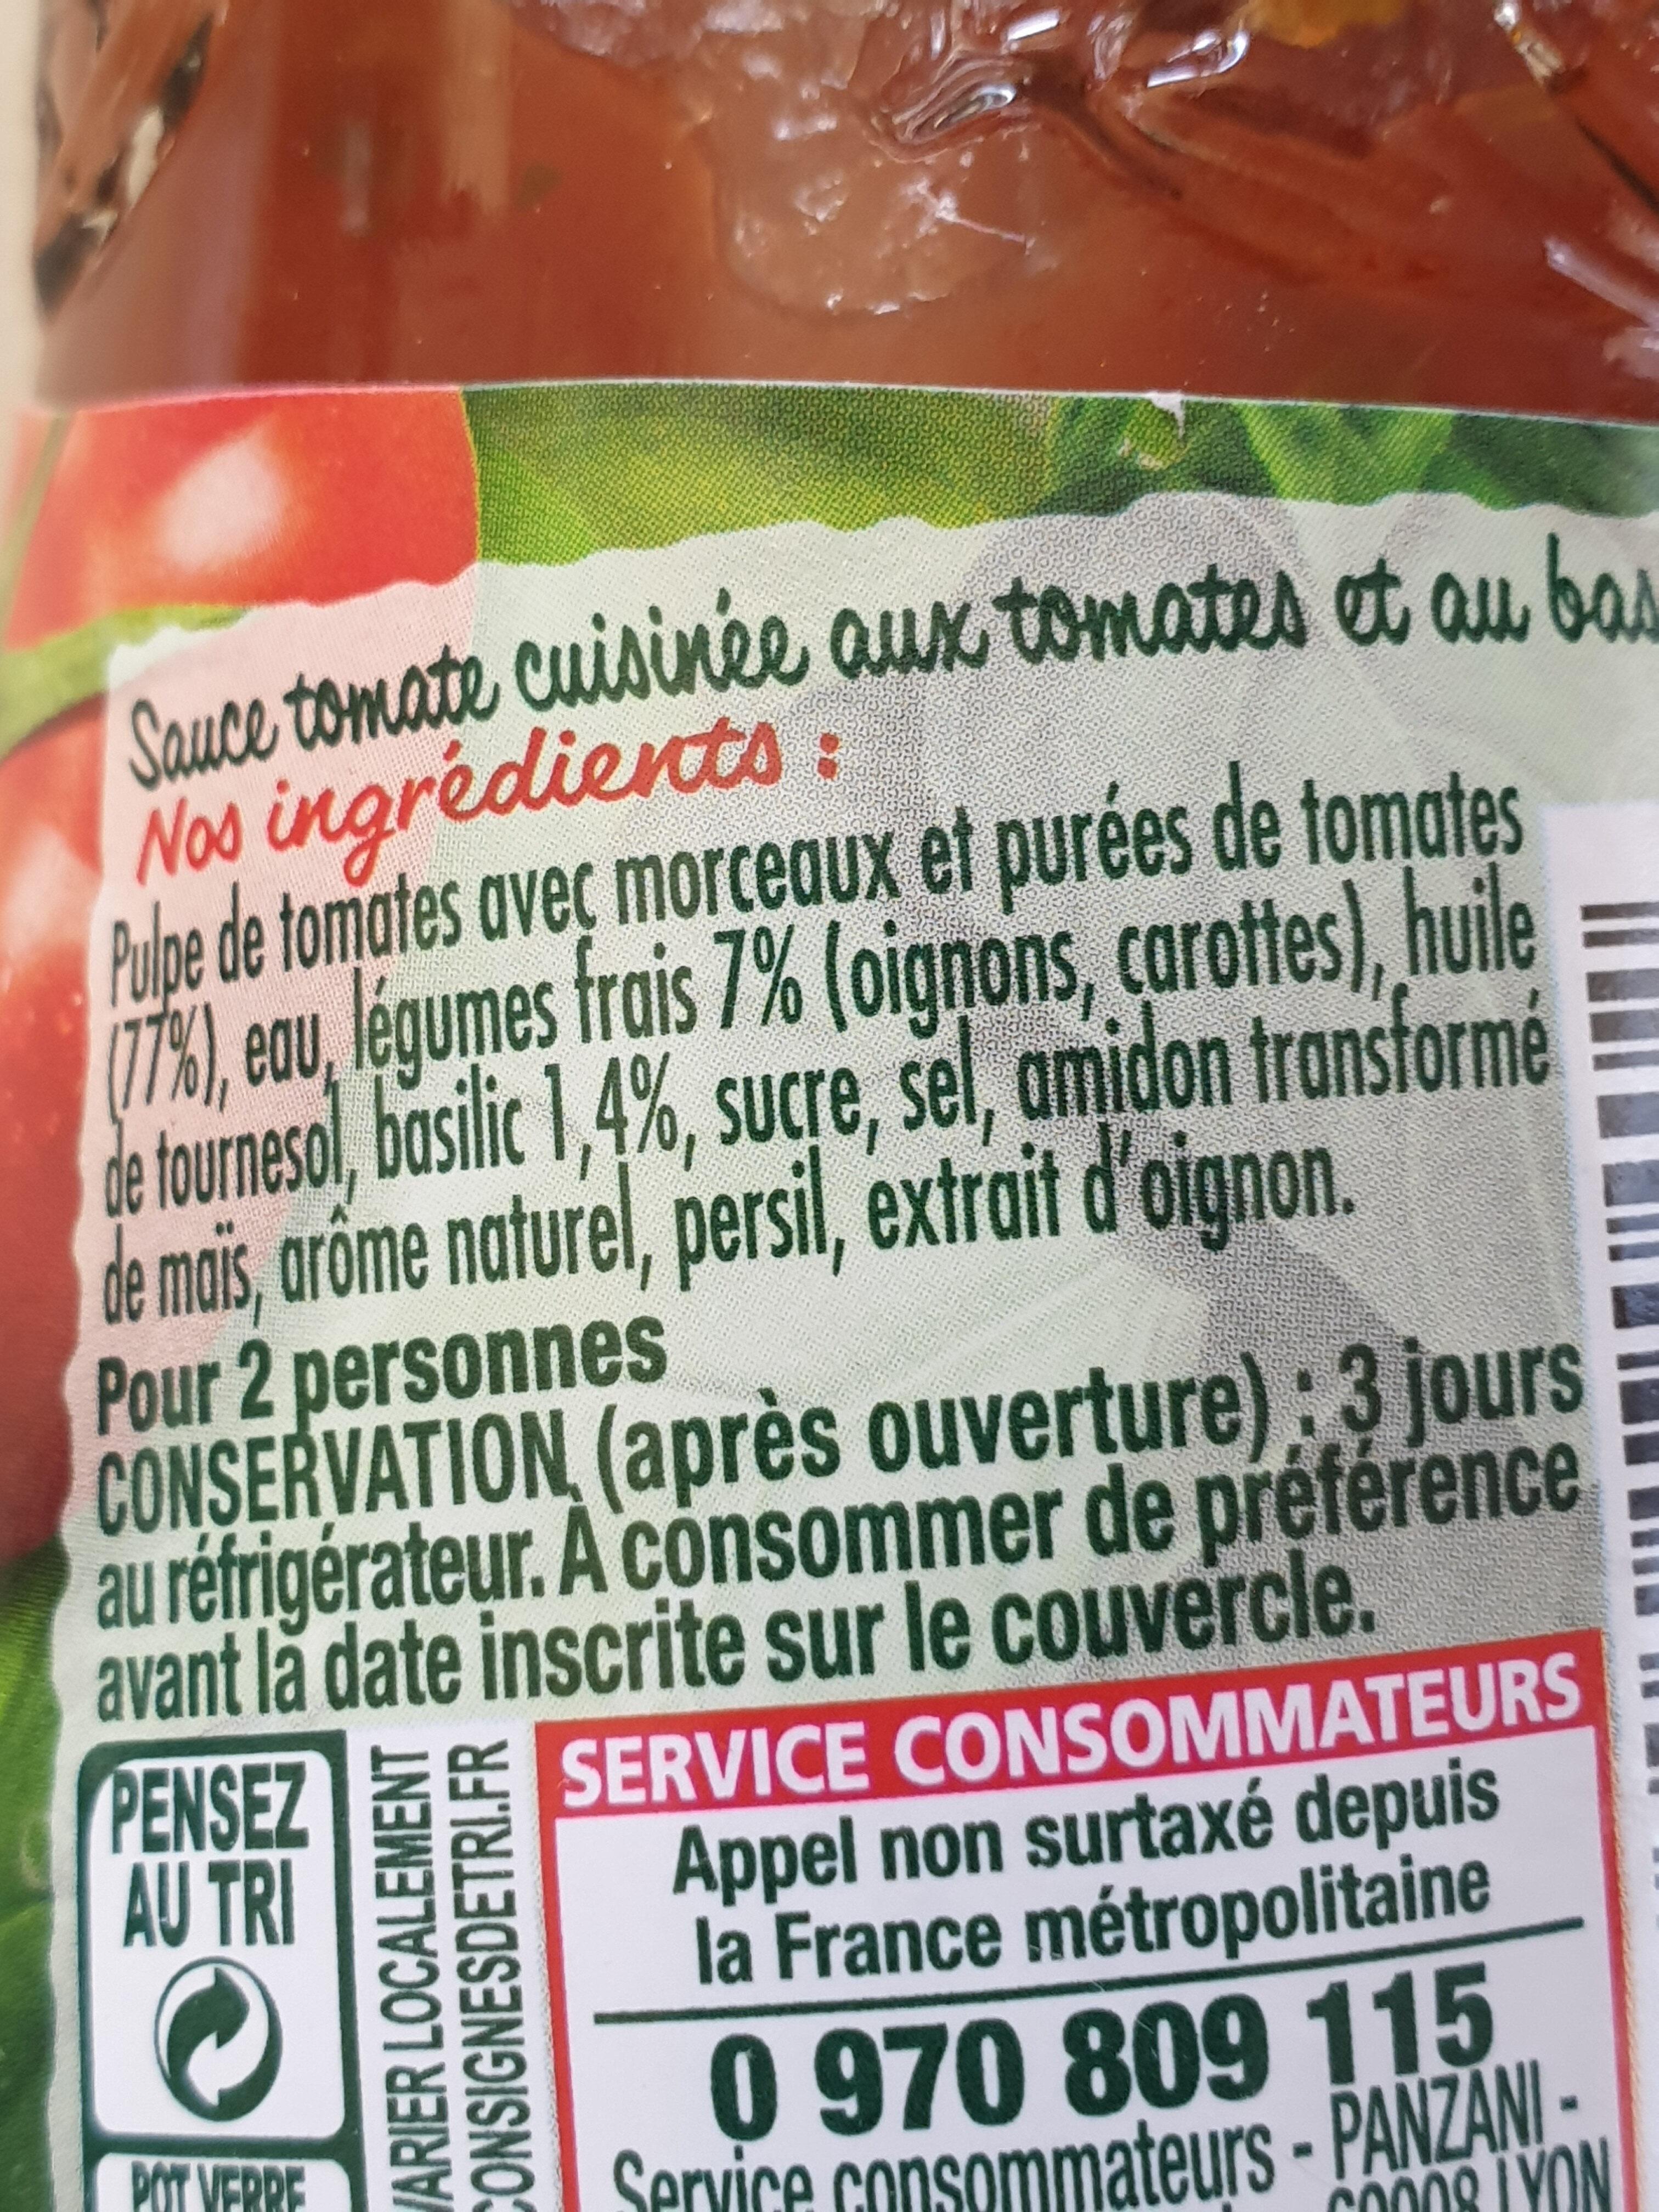 Panzani - spf - sauce tomates & basilic - Ingredienti - fr